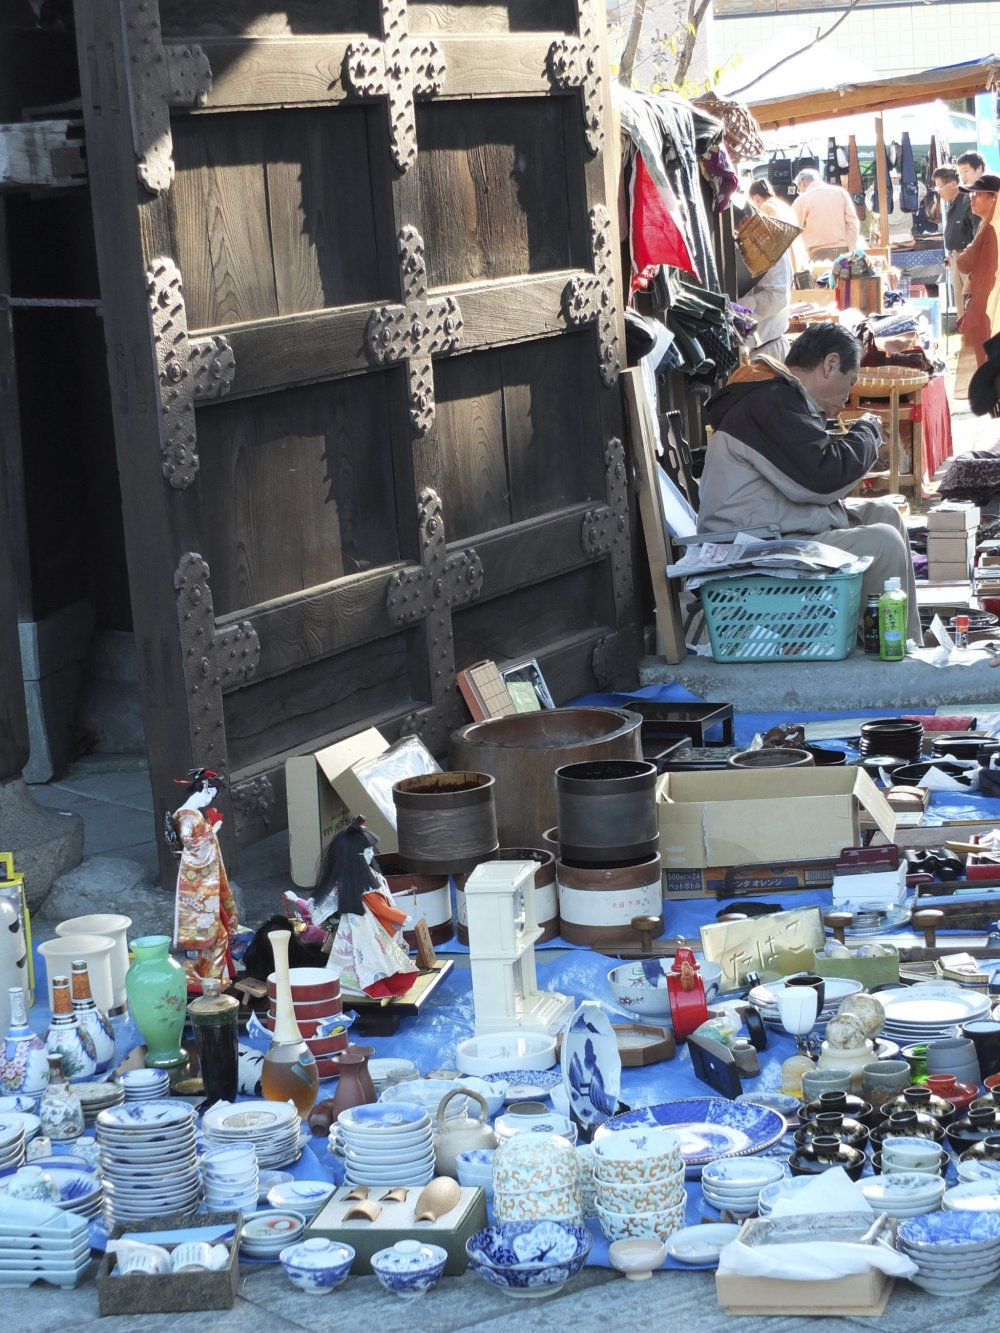 The bazaar's best location